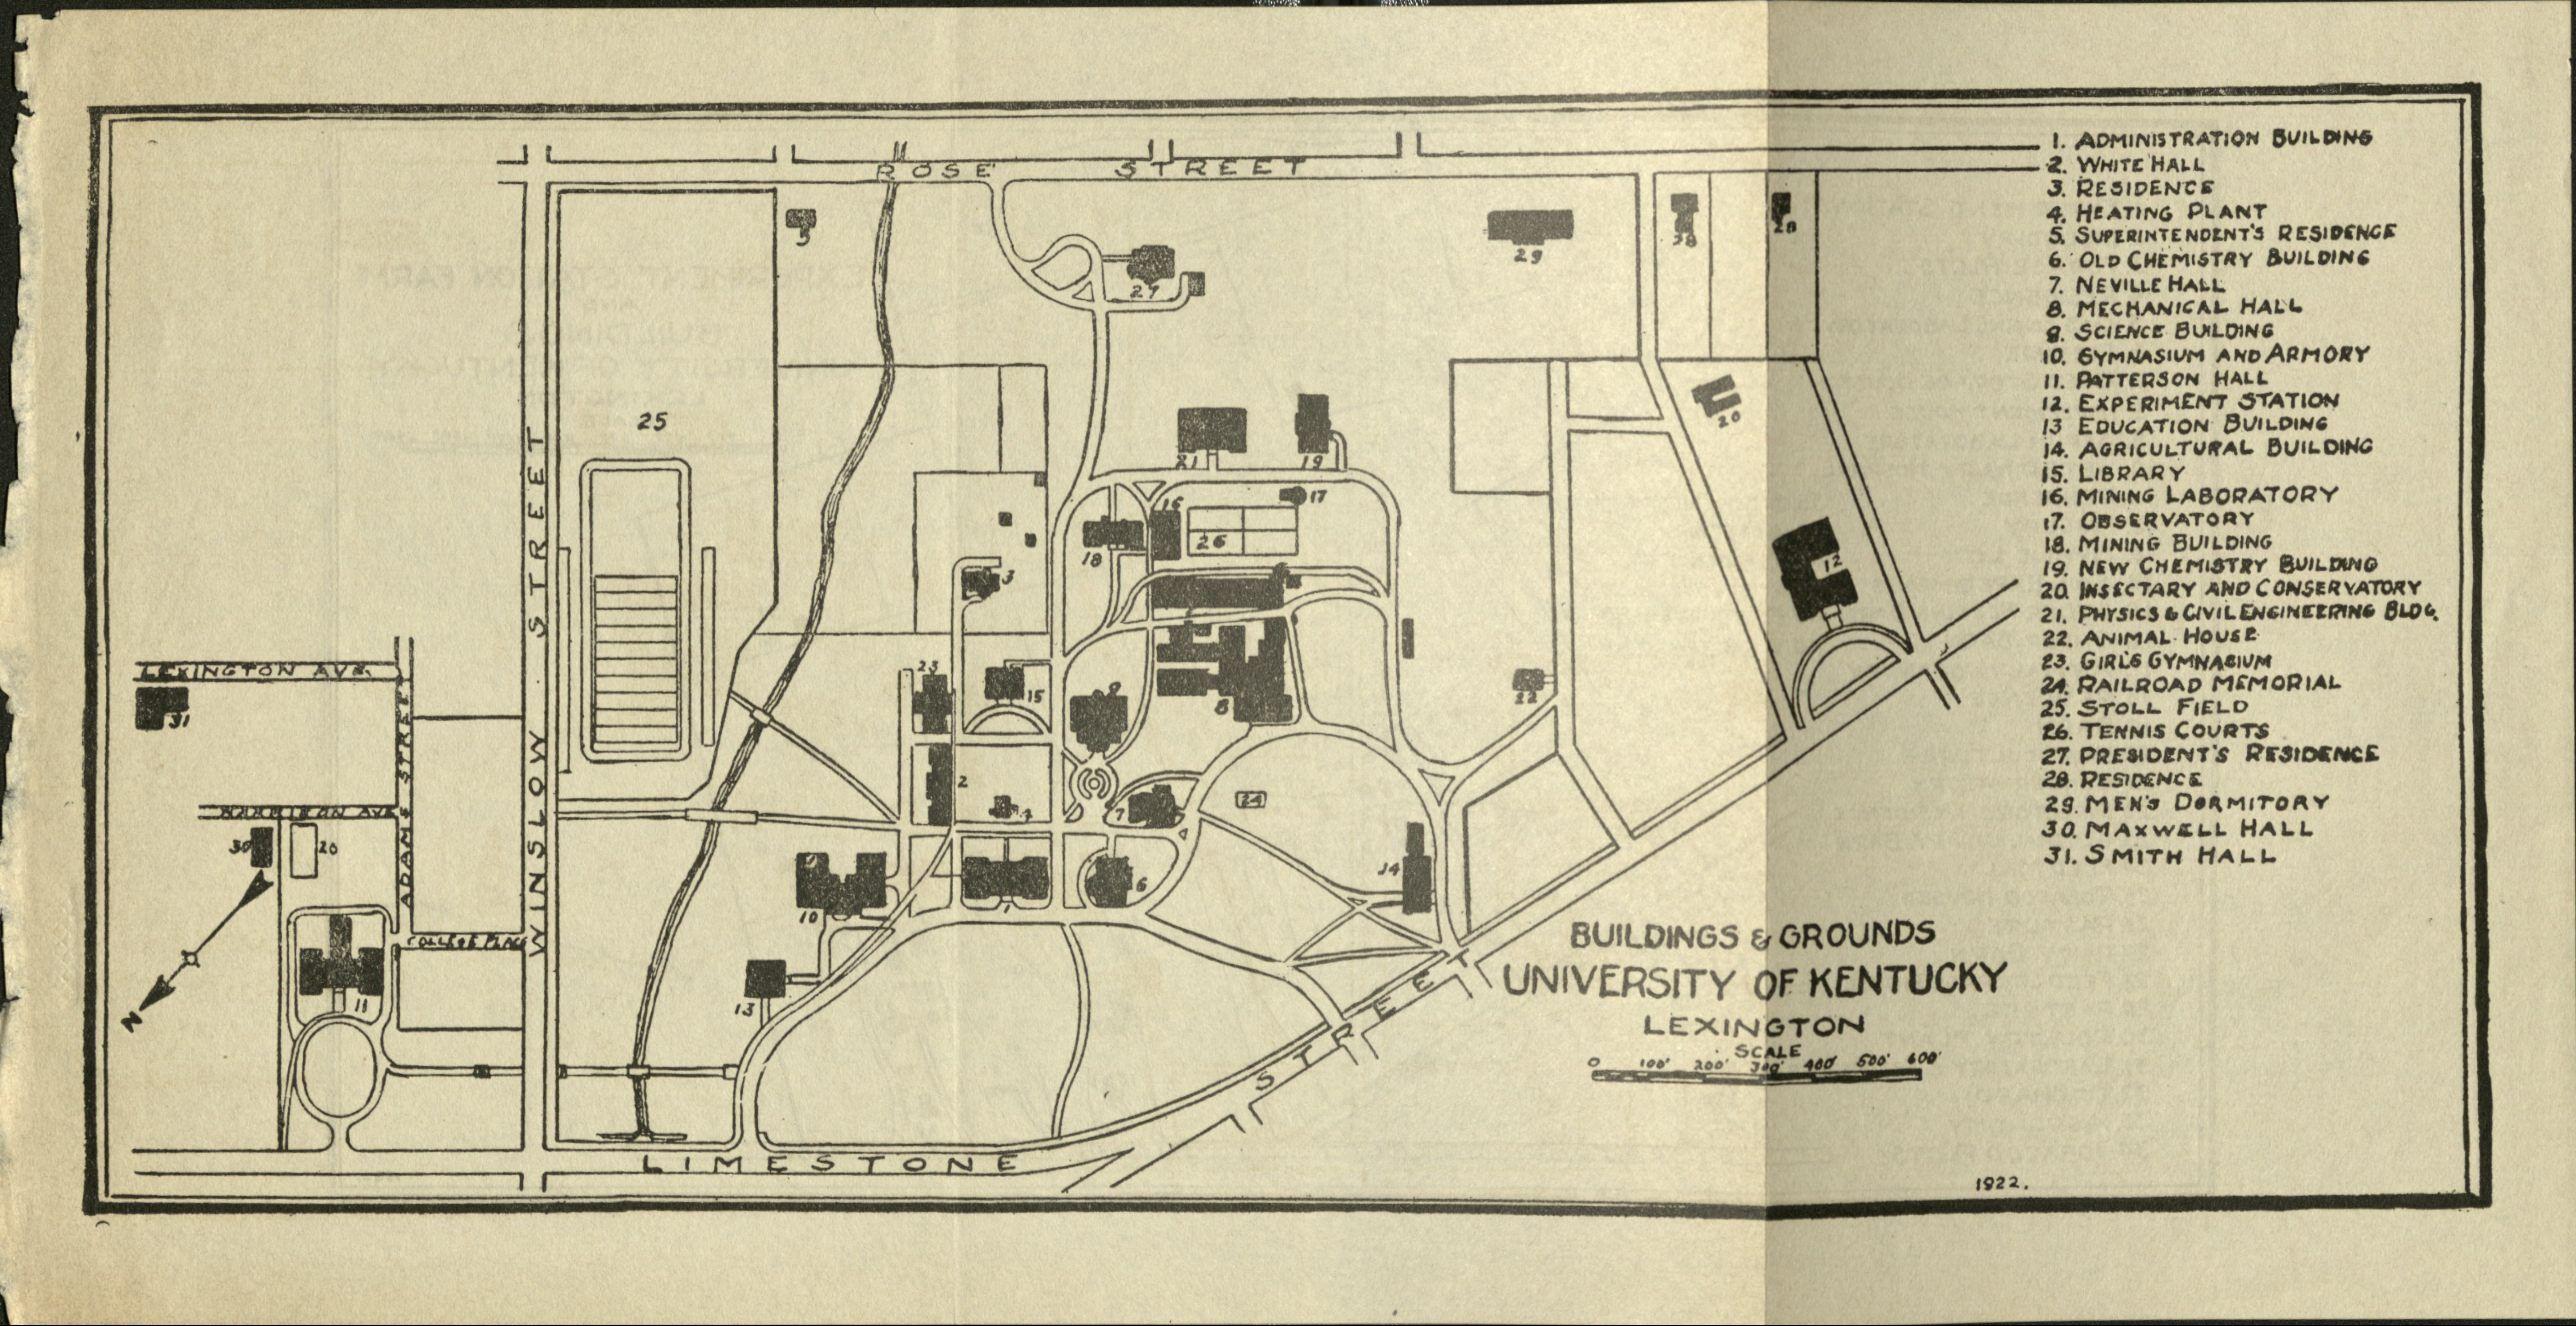 University Of Kentucky Campus Ann Rice O Hanlon The Memorial